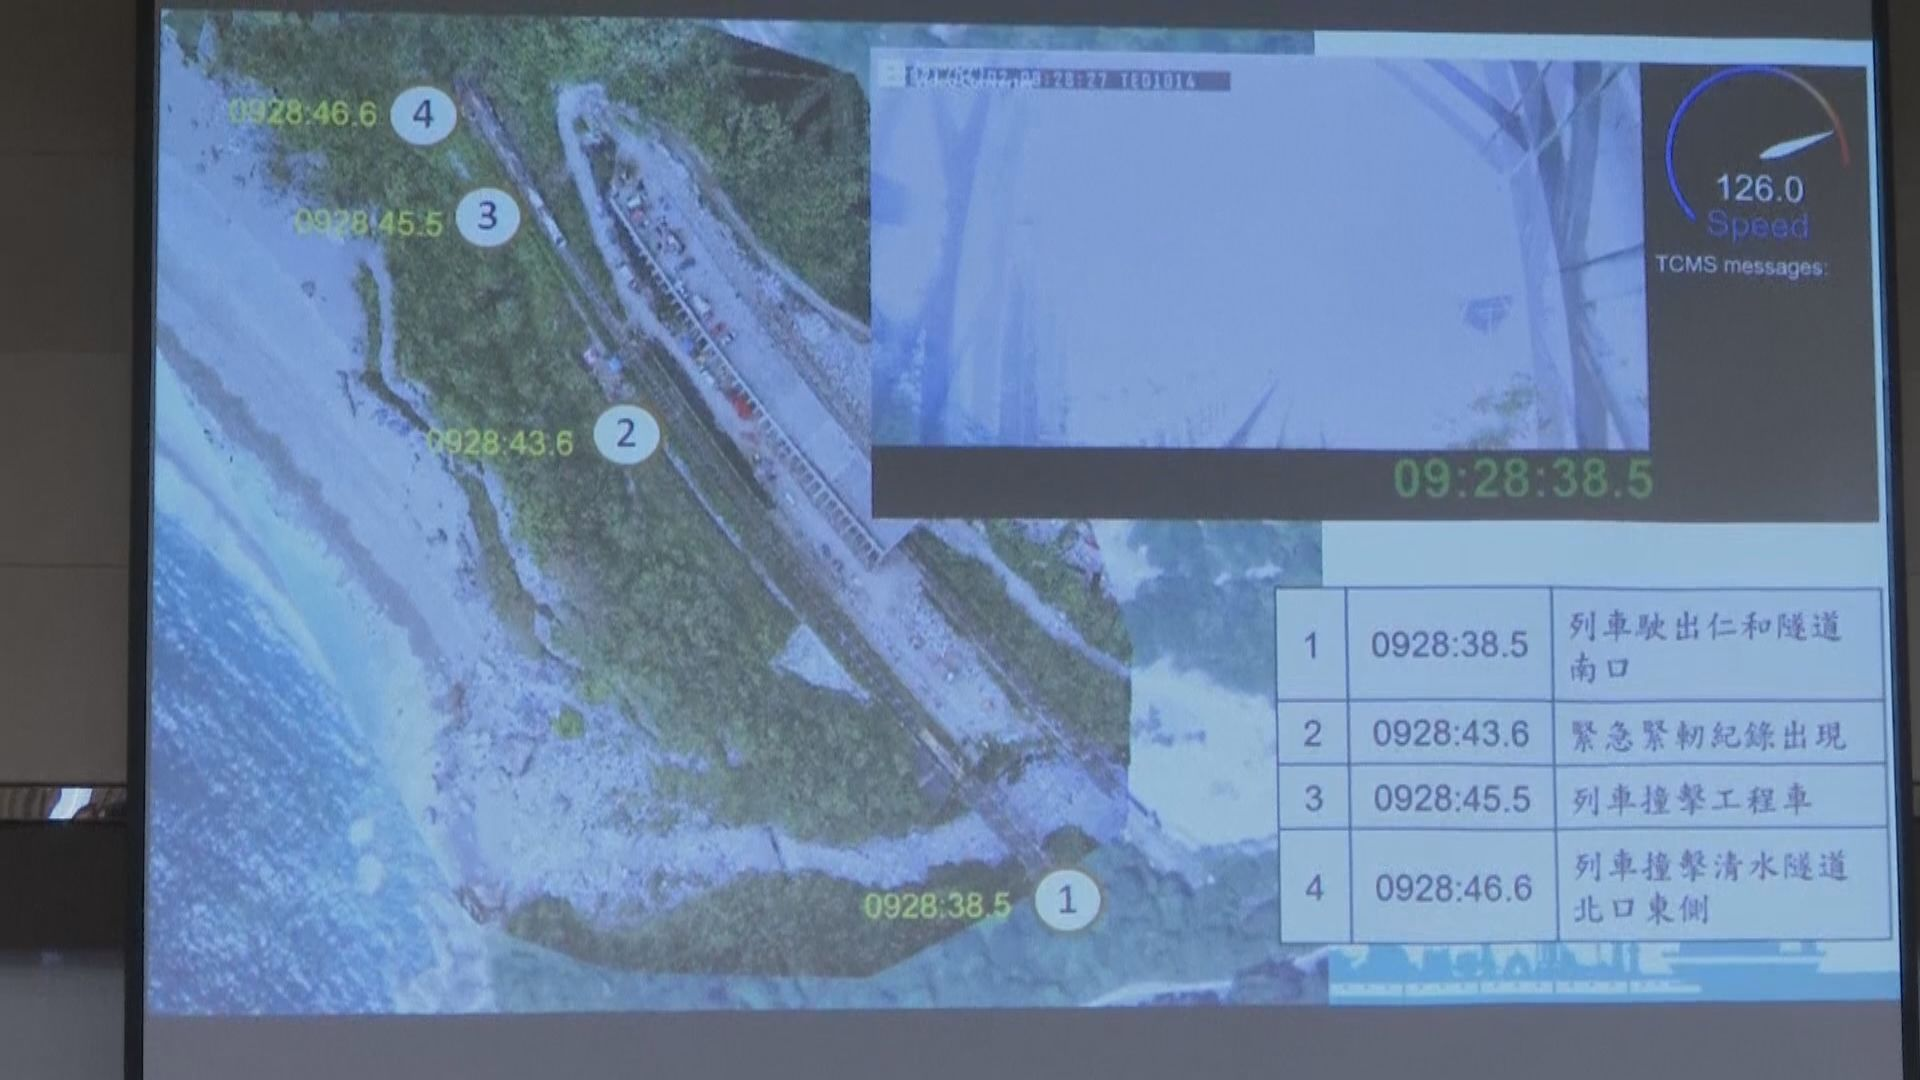 台灣運安會公布太魯閣號撞擊片段 指殉職司機已盡最大努力應變